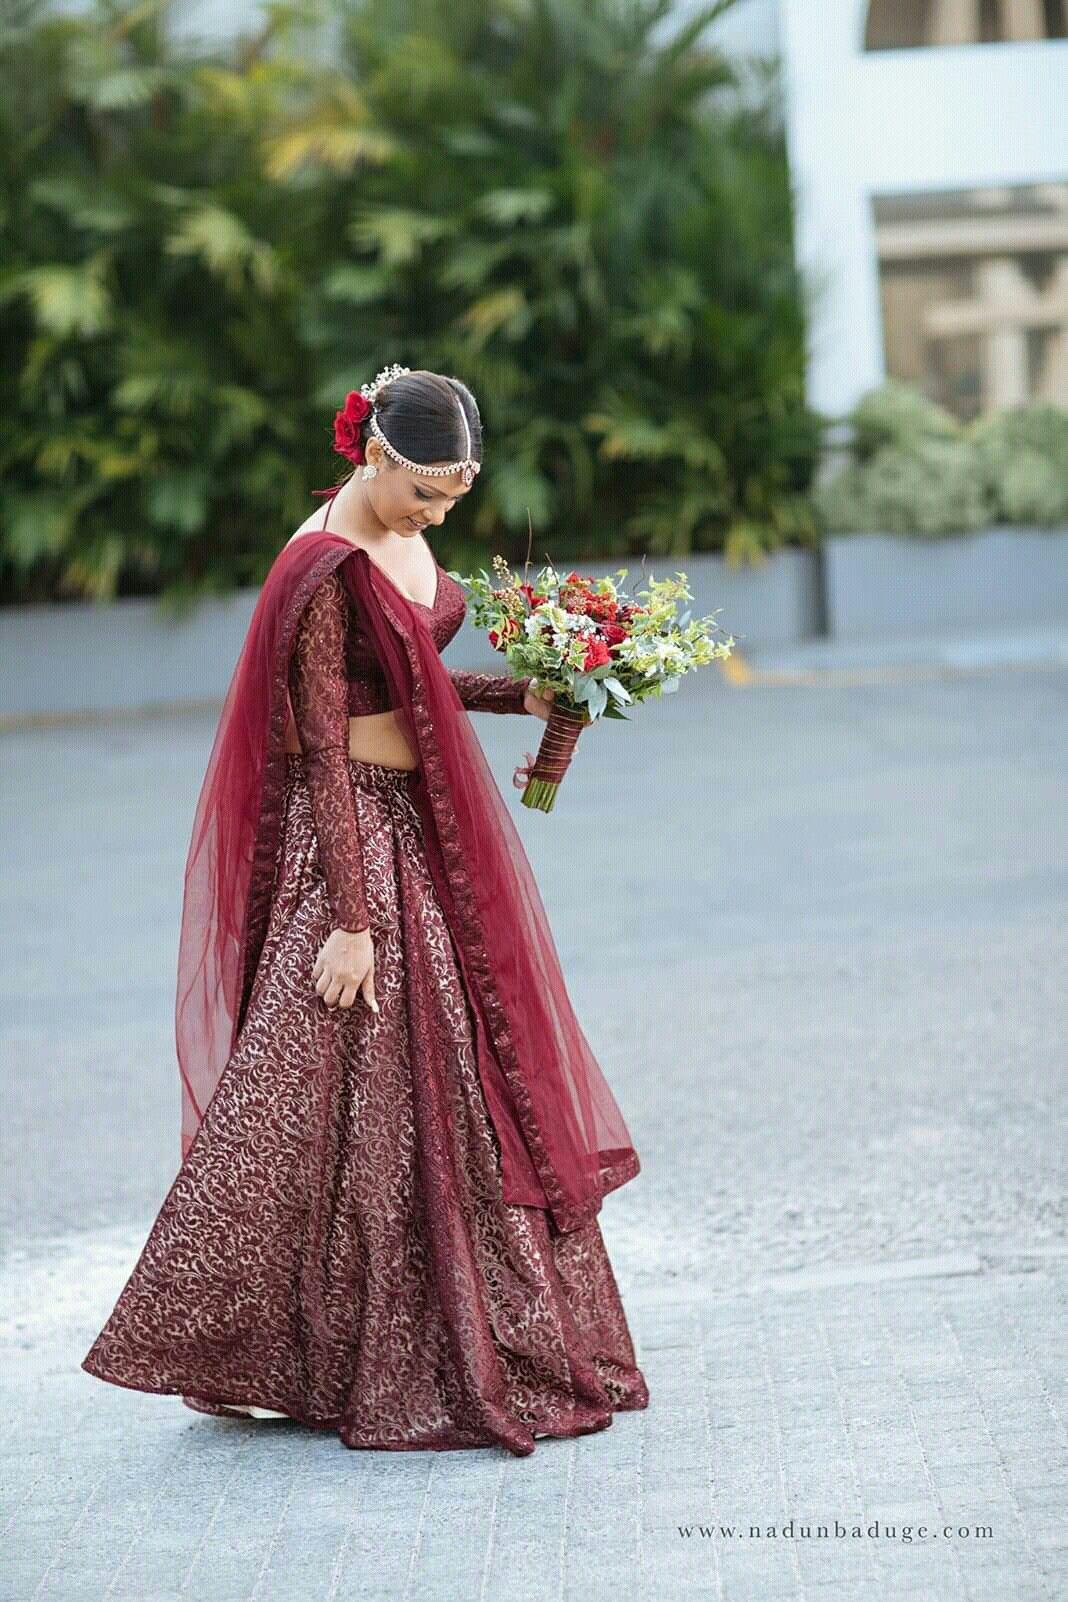 Pin By Janina Bosenberg On 2nd Day Brides Bridesmaid Saree Indian Bridal Fashion Bridal Lehenga